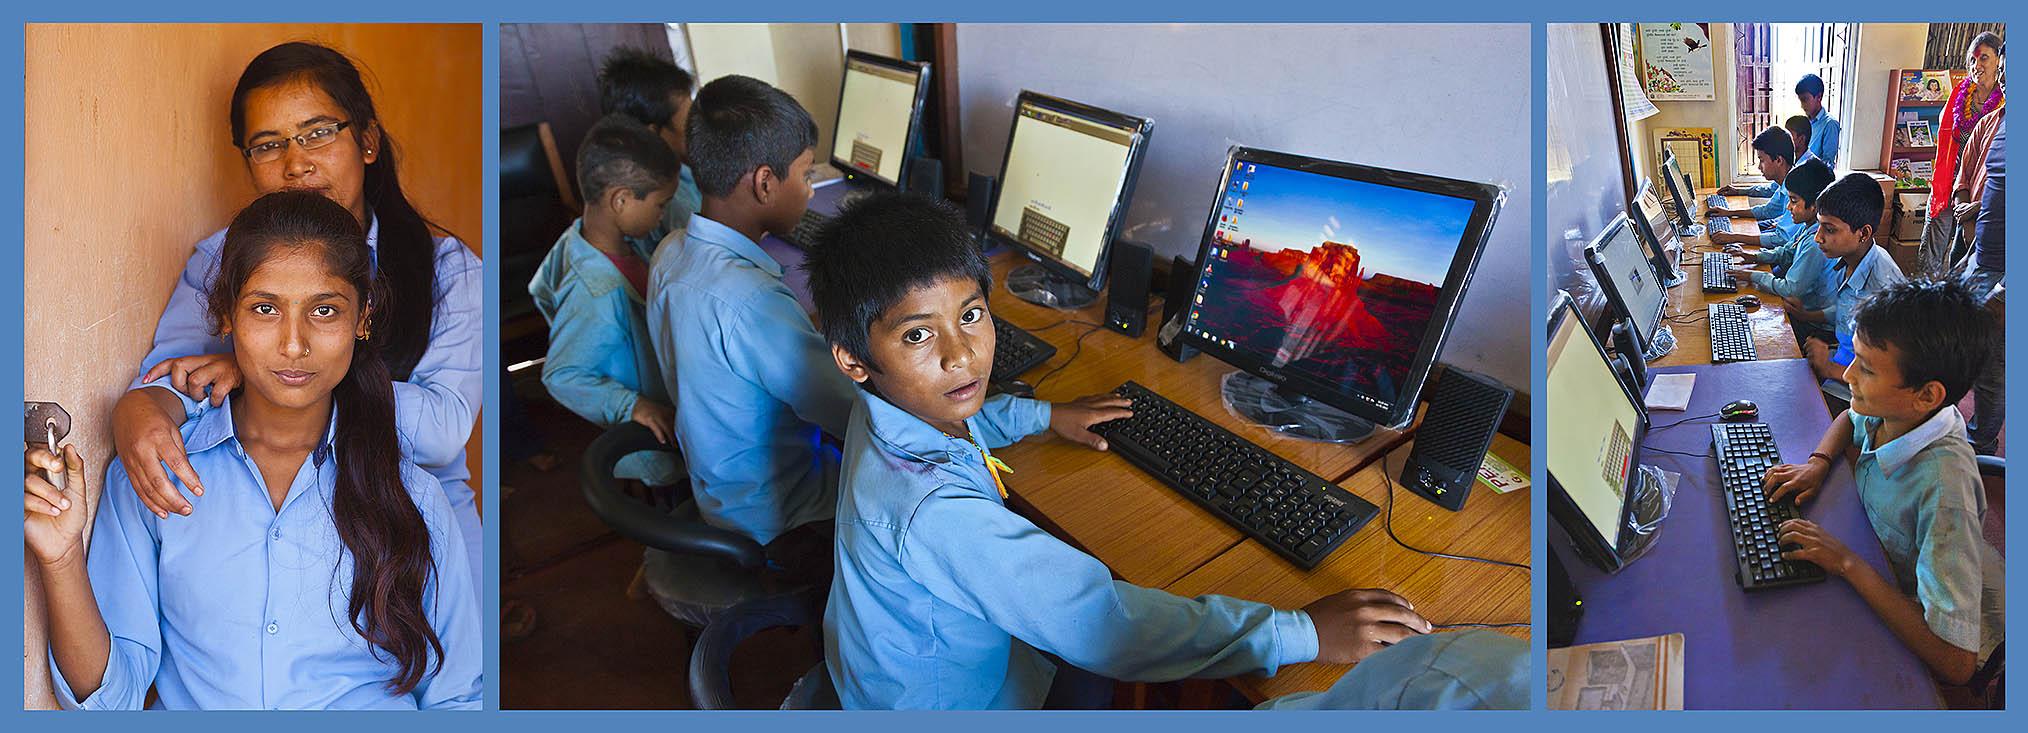 B_111D_GOGANPANI_SCHOOL_COMPUTERS_NEPAL_D163.jpg